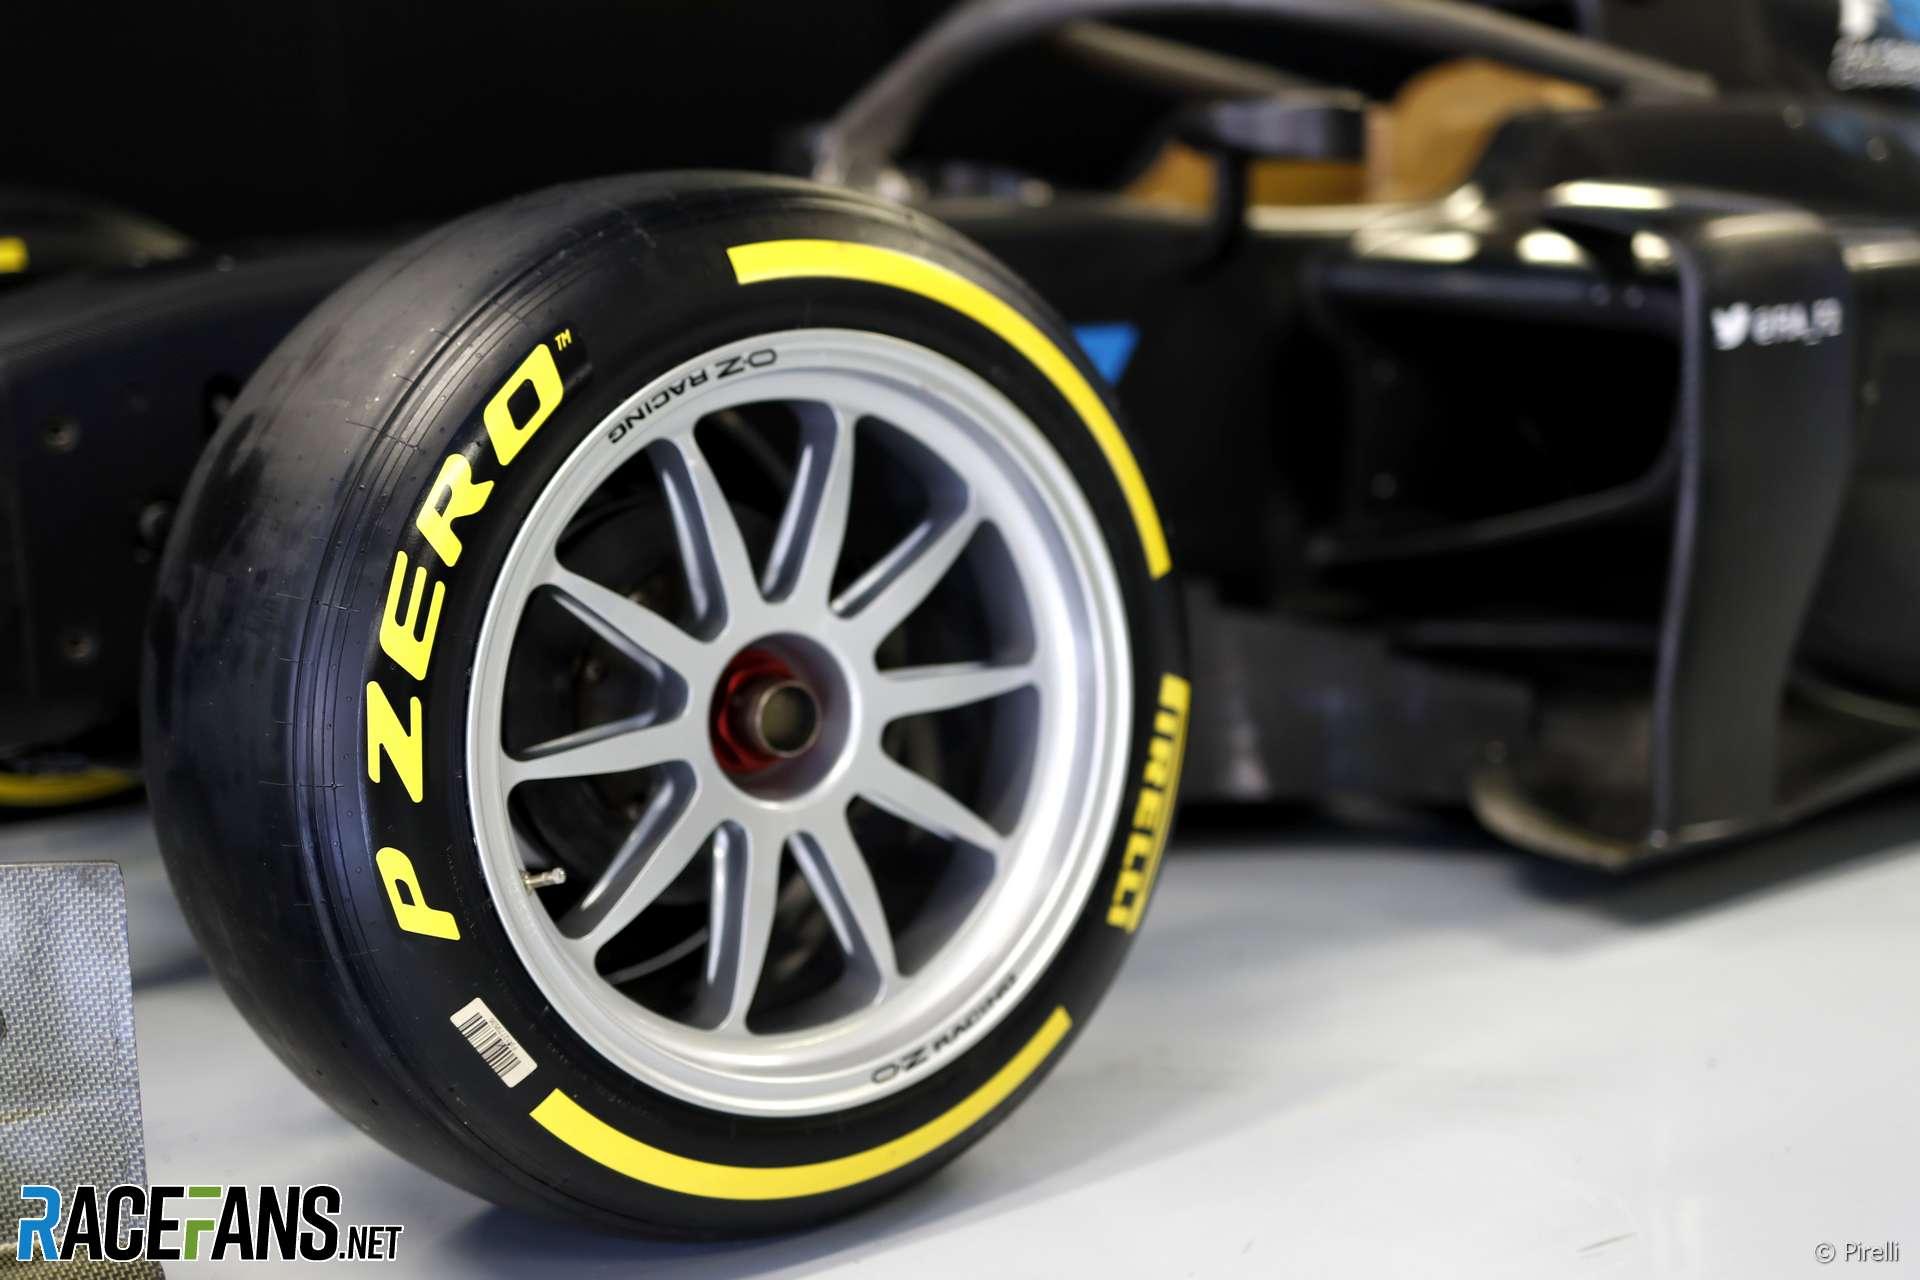 Pirelli 18-inch tyres on a Formula 2 car, Monza, 2019